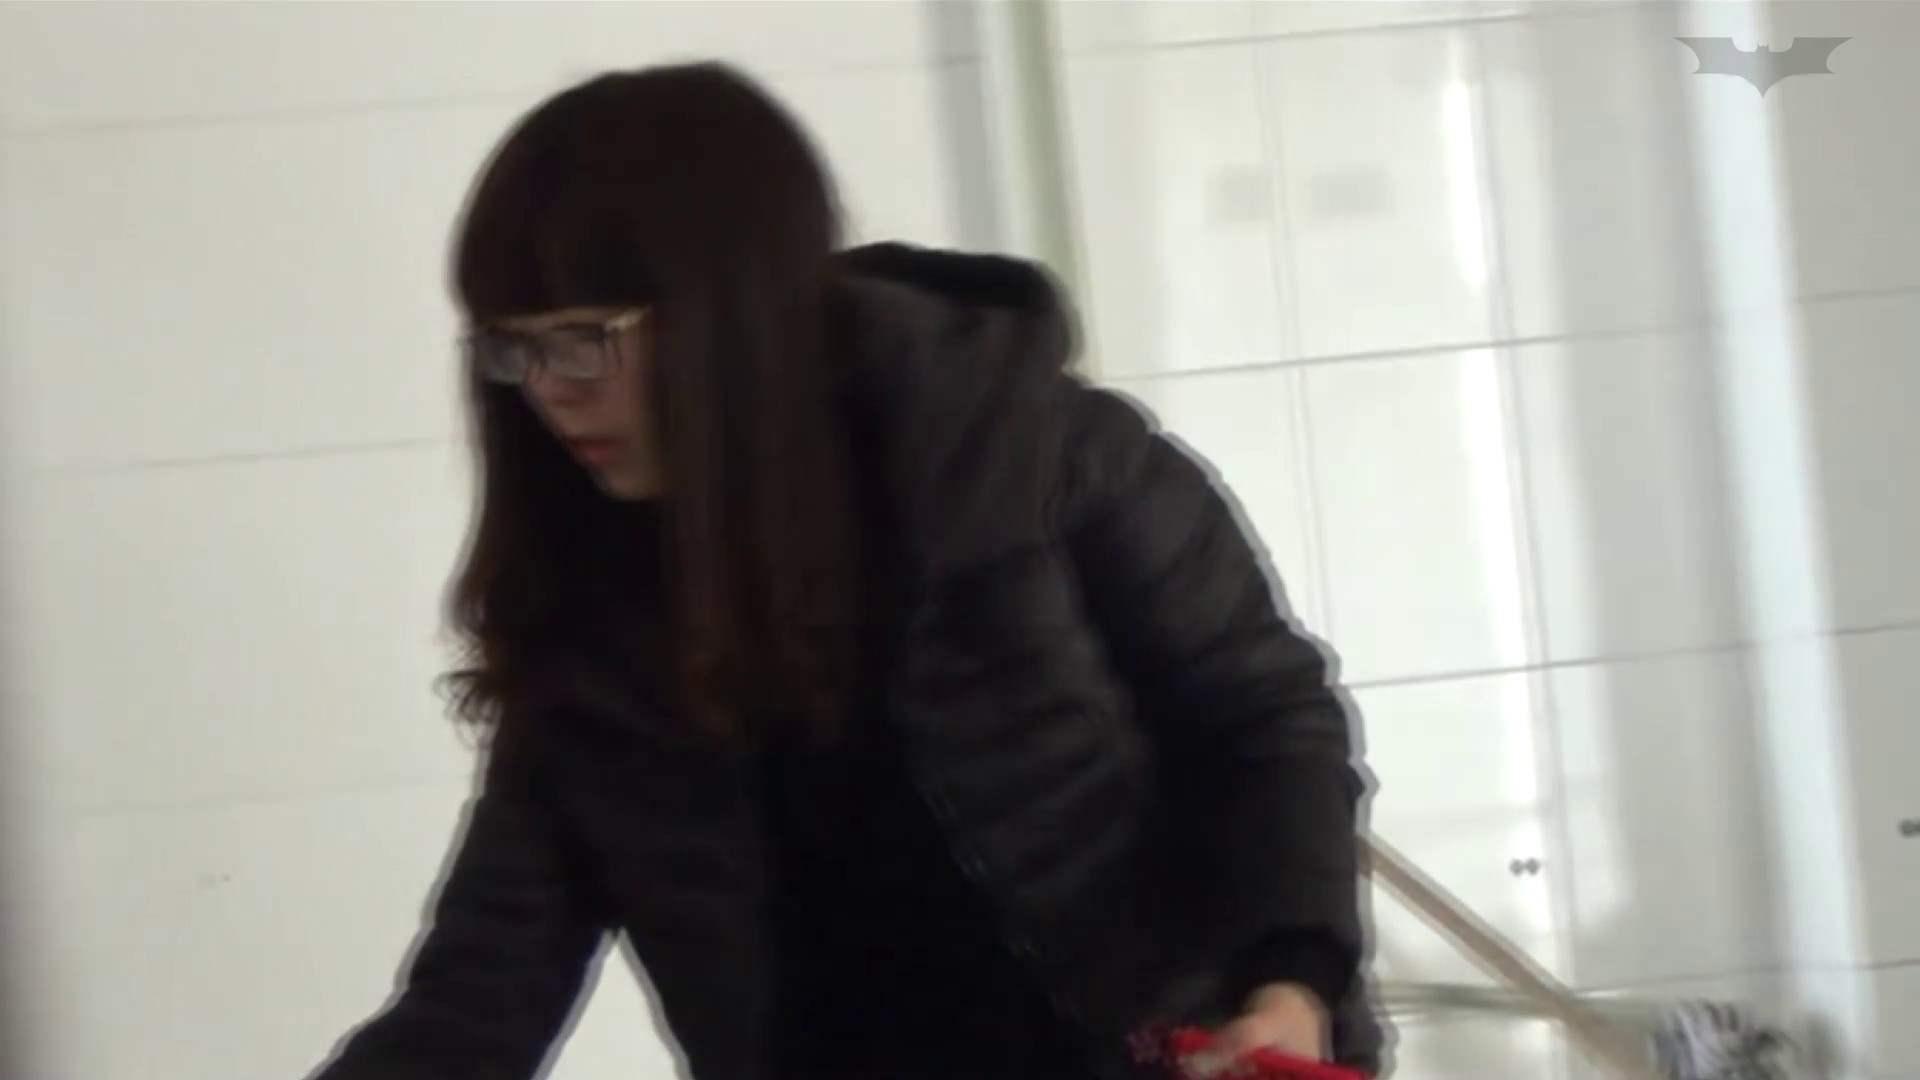 JD盗撮 美女の洗面所の秘密 Vol.46 美女のボディ われめAV動画紹介 68PIX 19